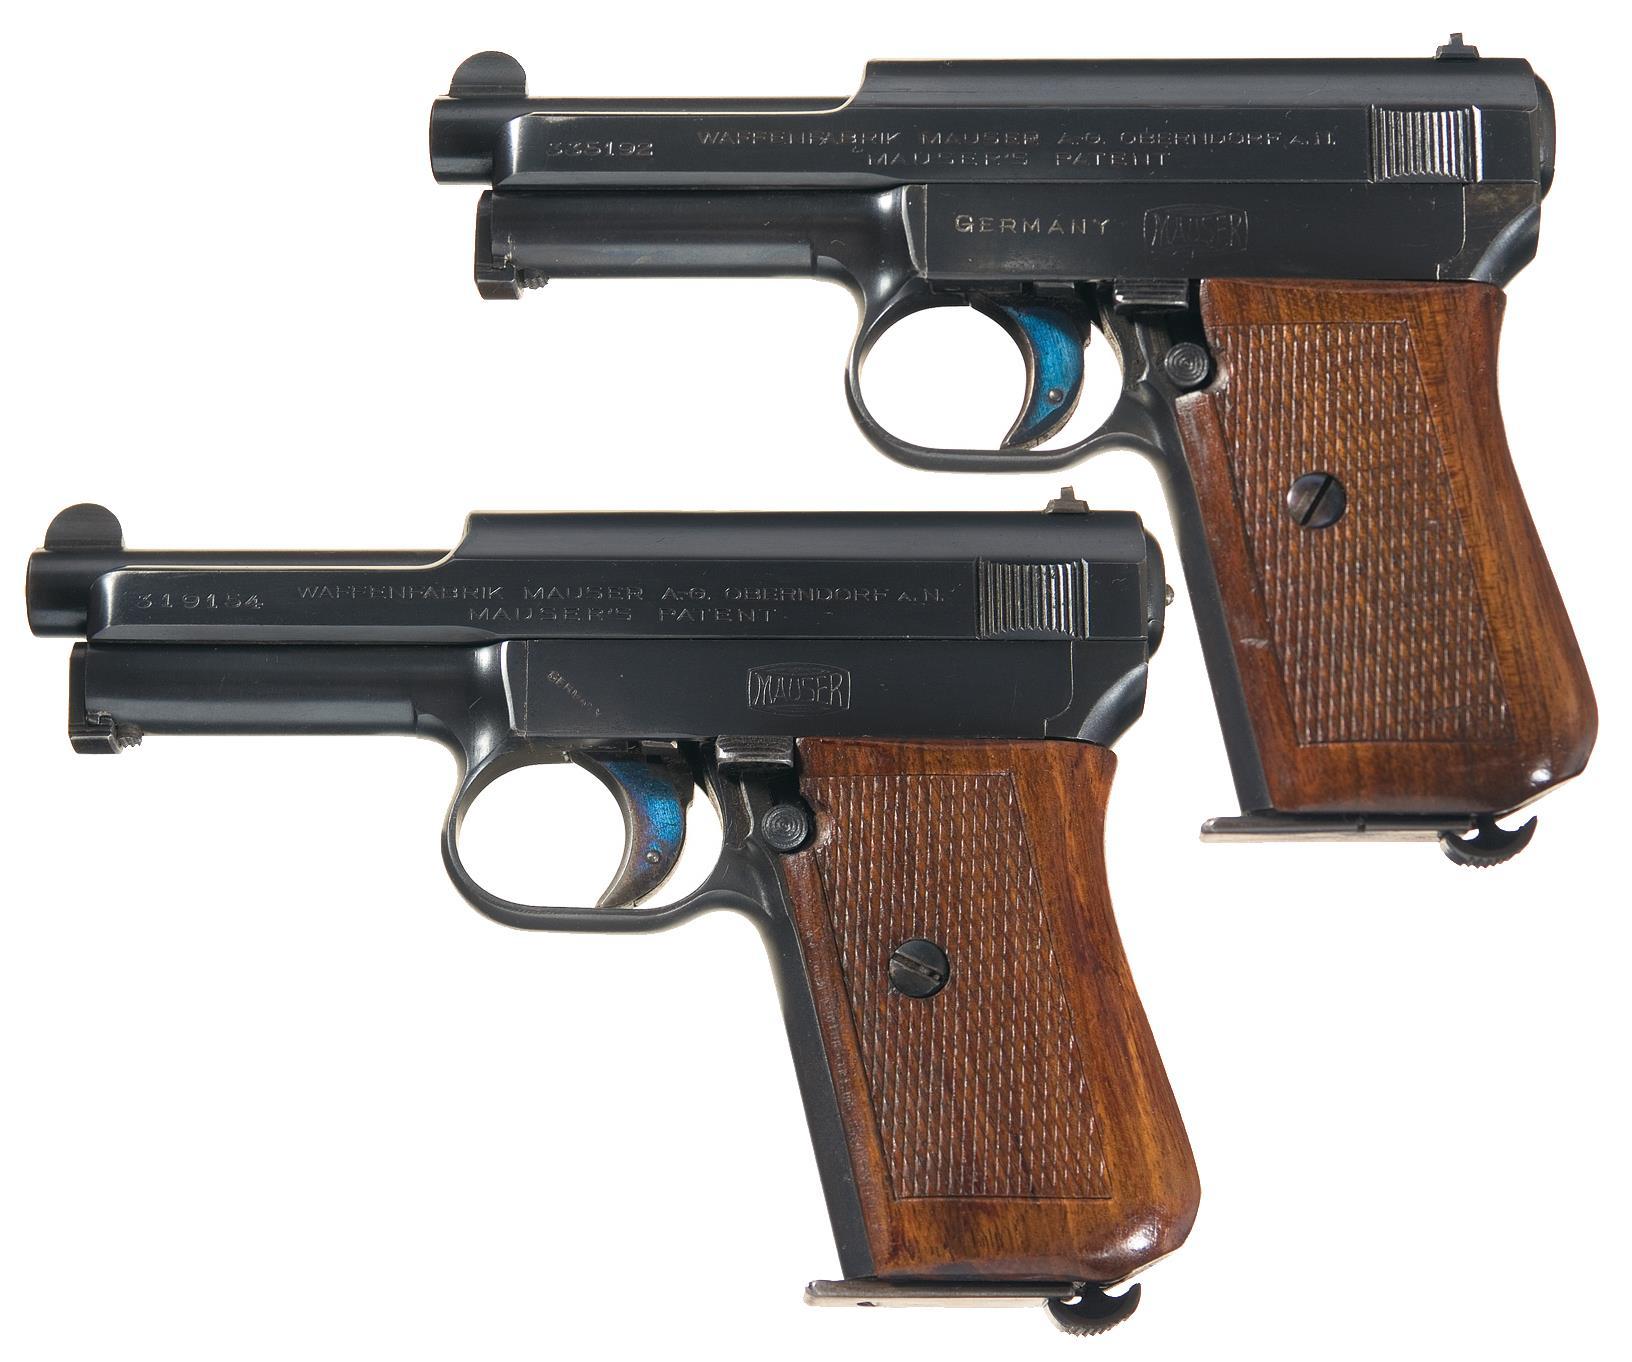 Two Mauser Model 1914 Semi-Automatic Pistols